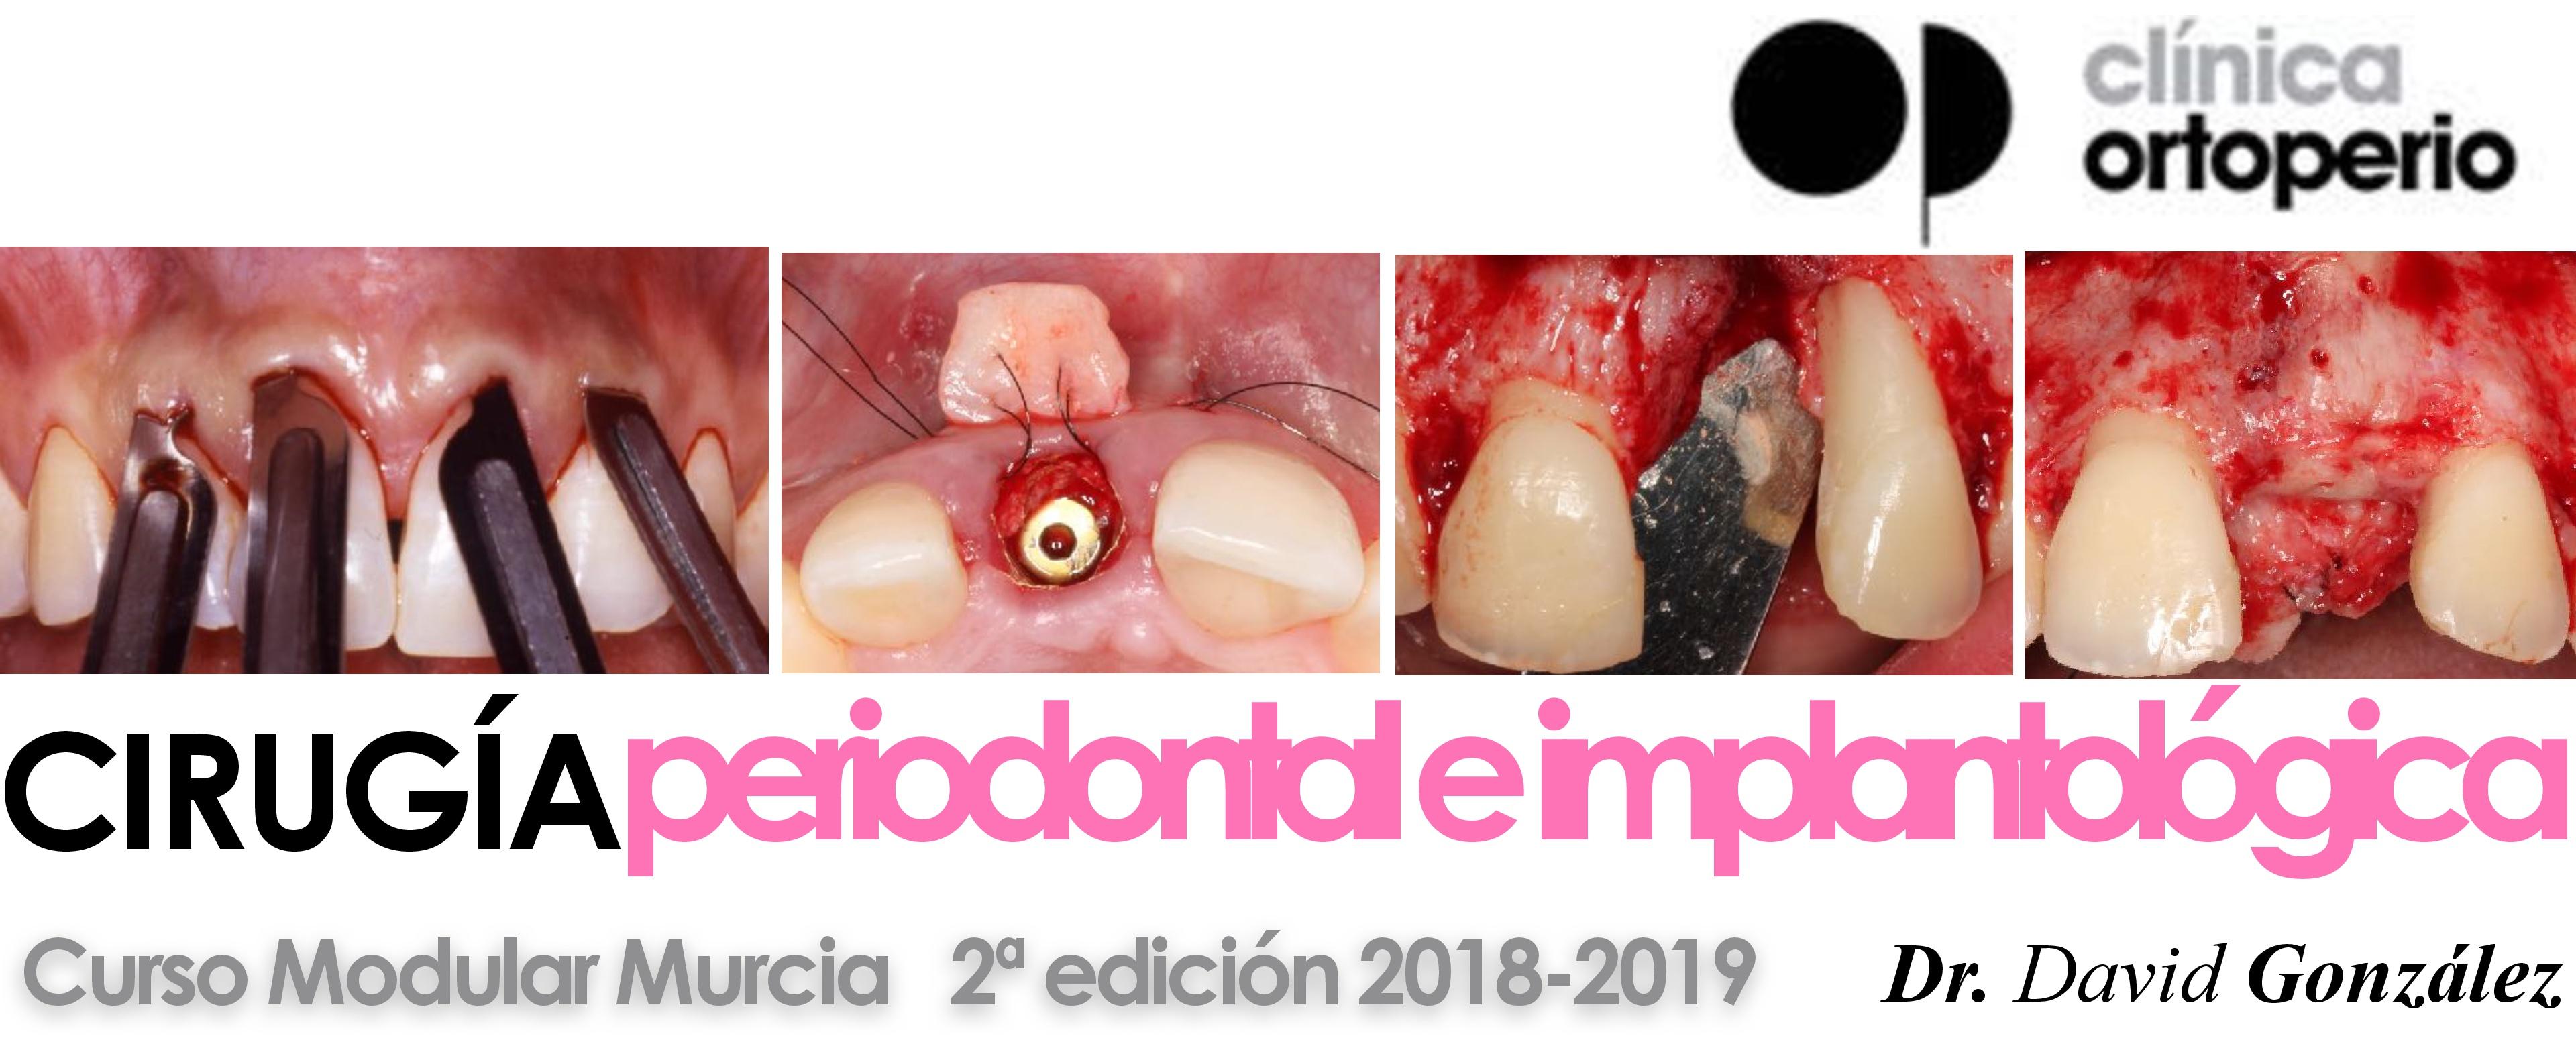 Curso cirugía periodontal e implantológica 1